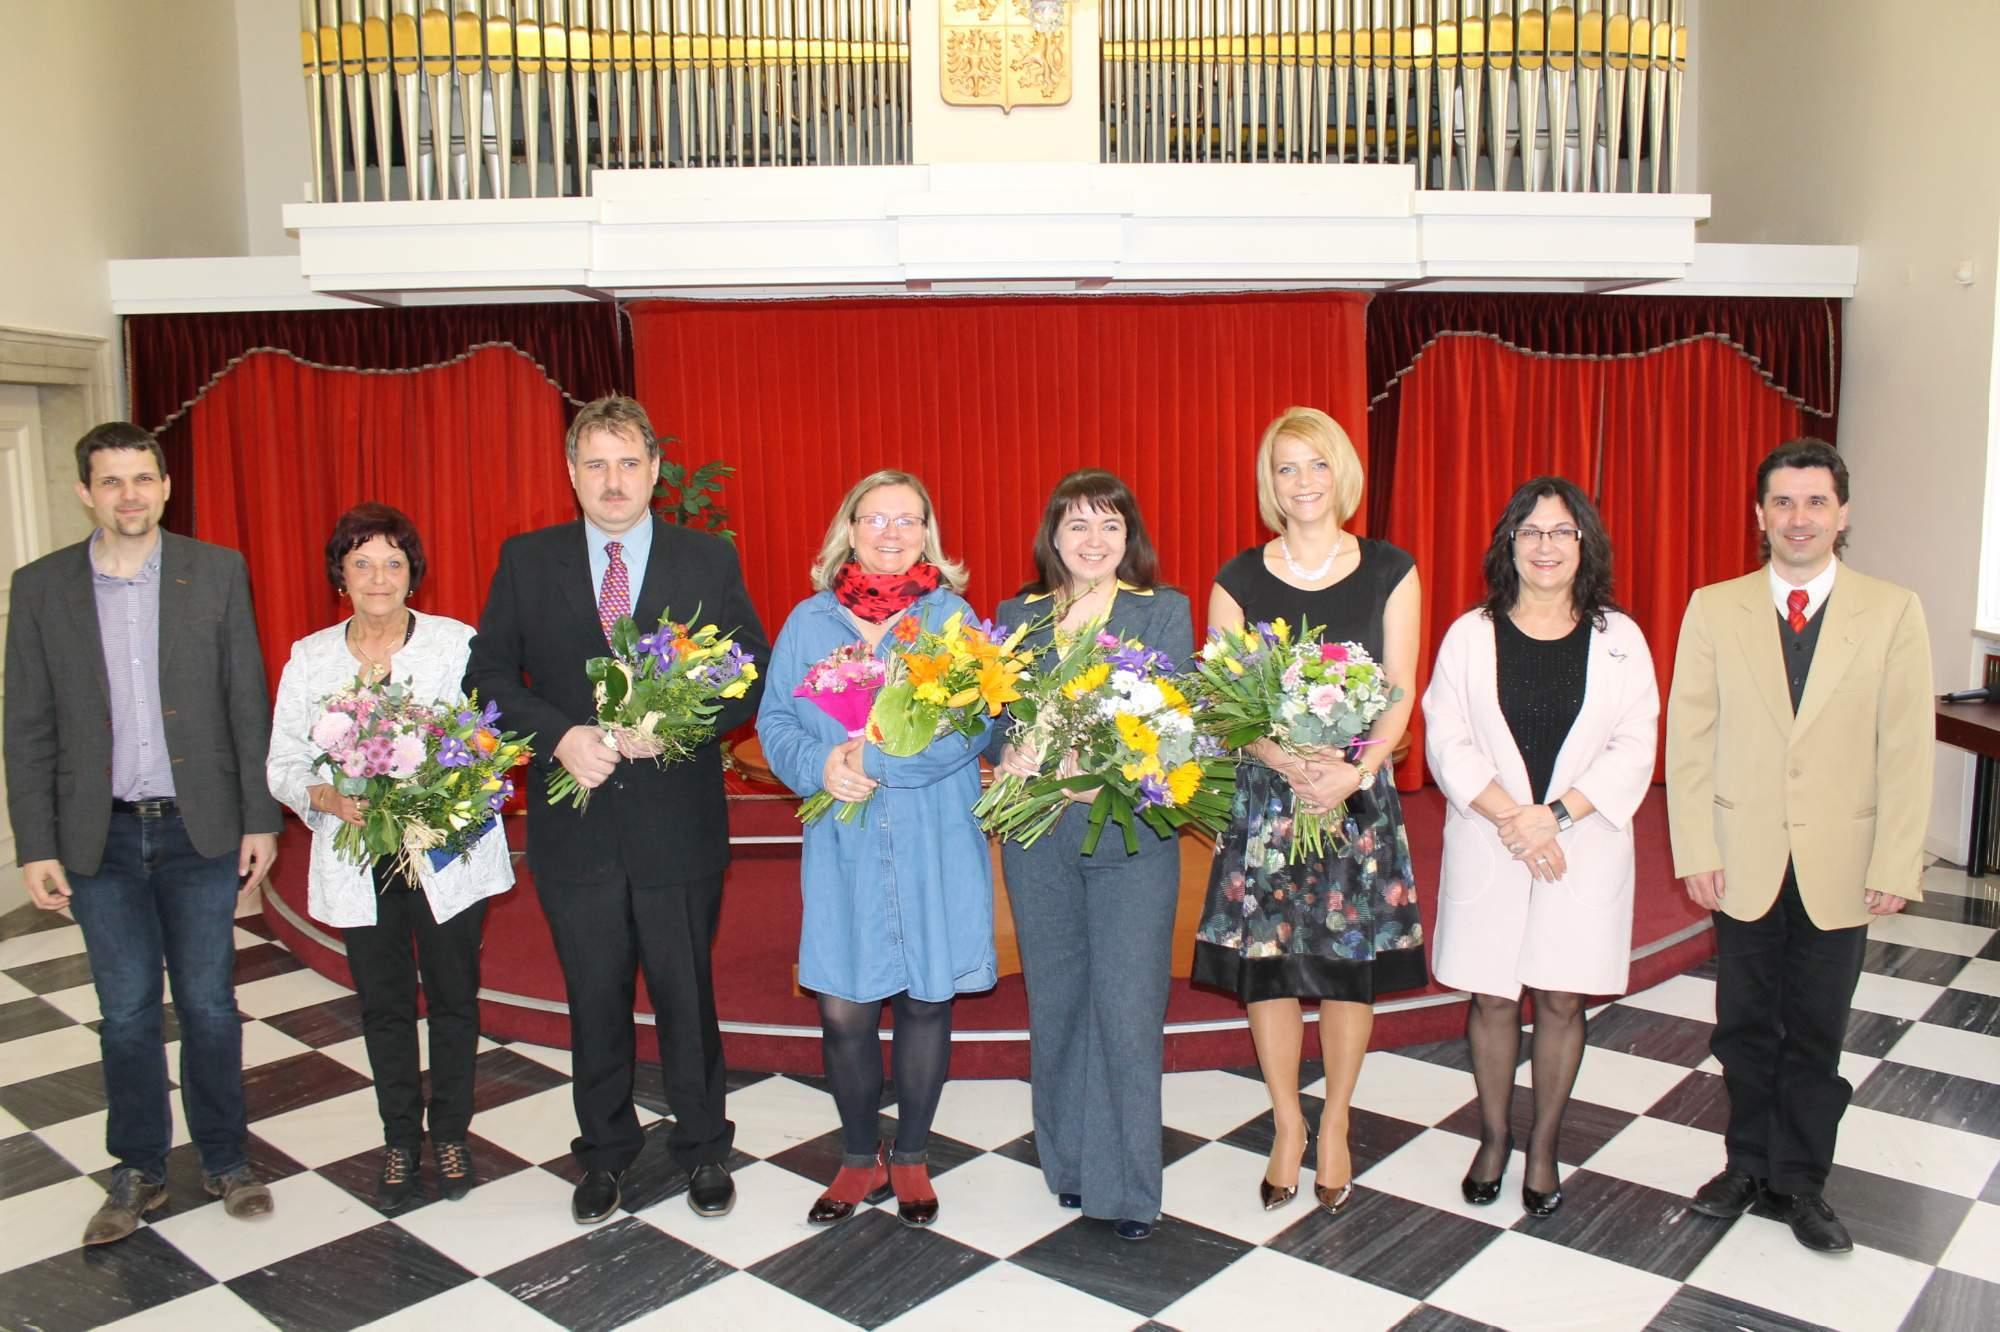 Ocenění pedagogové společně se zástupci města Brna. Foto: Jan Vostal